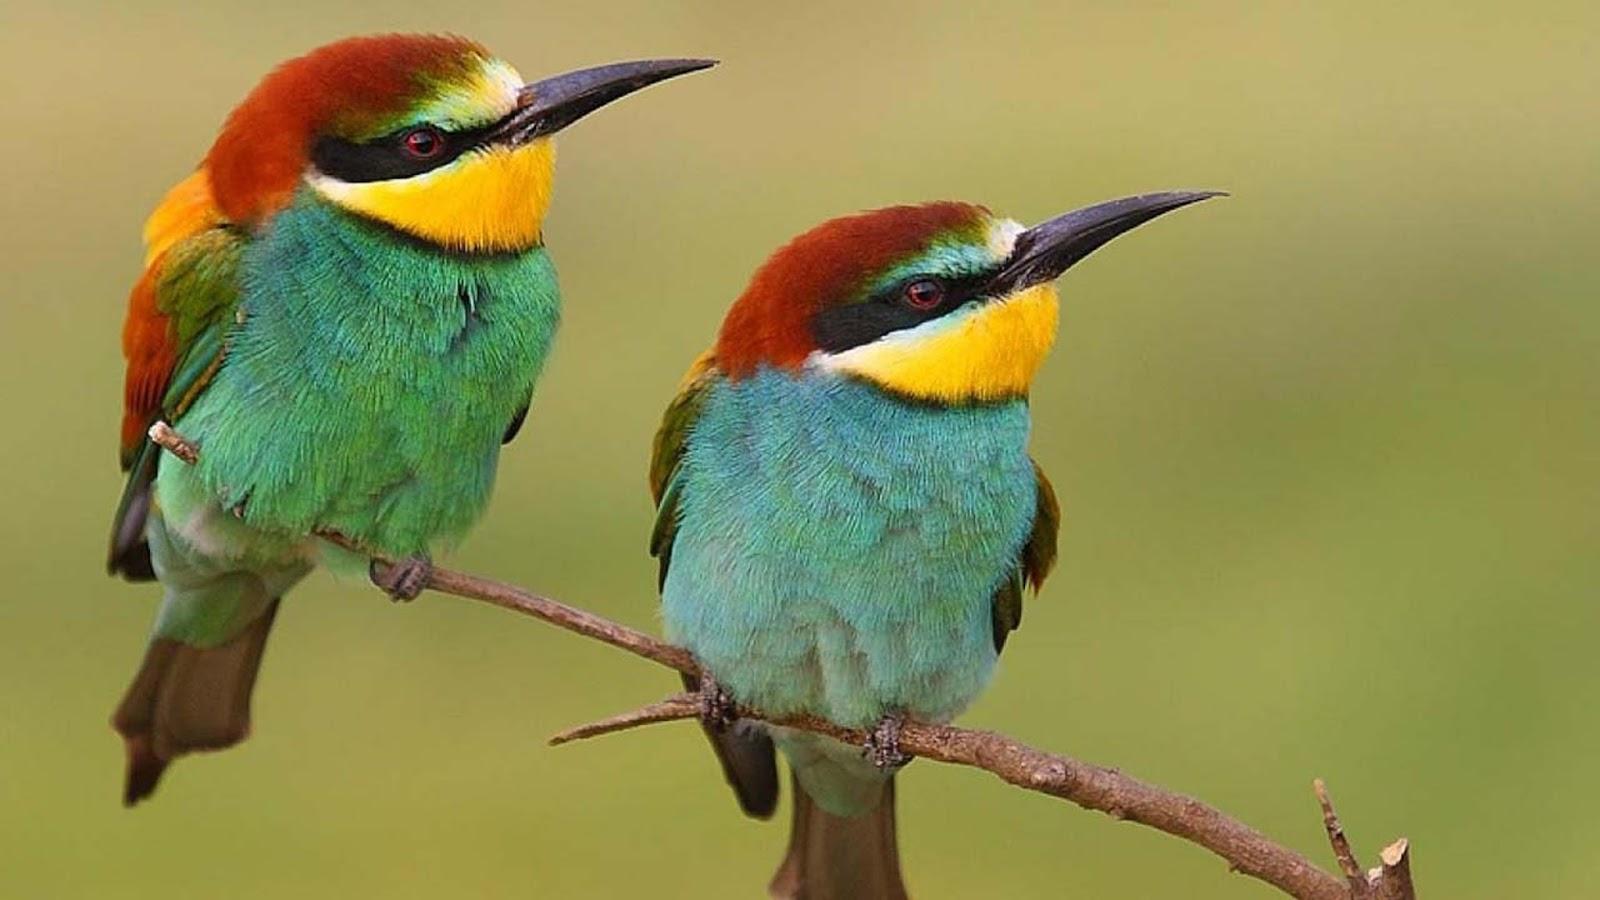 بالصور اجمل الطيور في العالم , تعرف علي اجمل واروع اشكال الطيور 3467 12